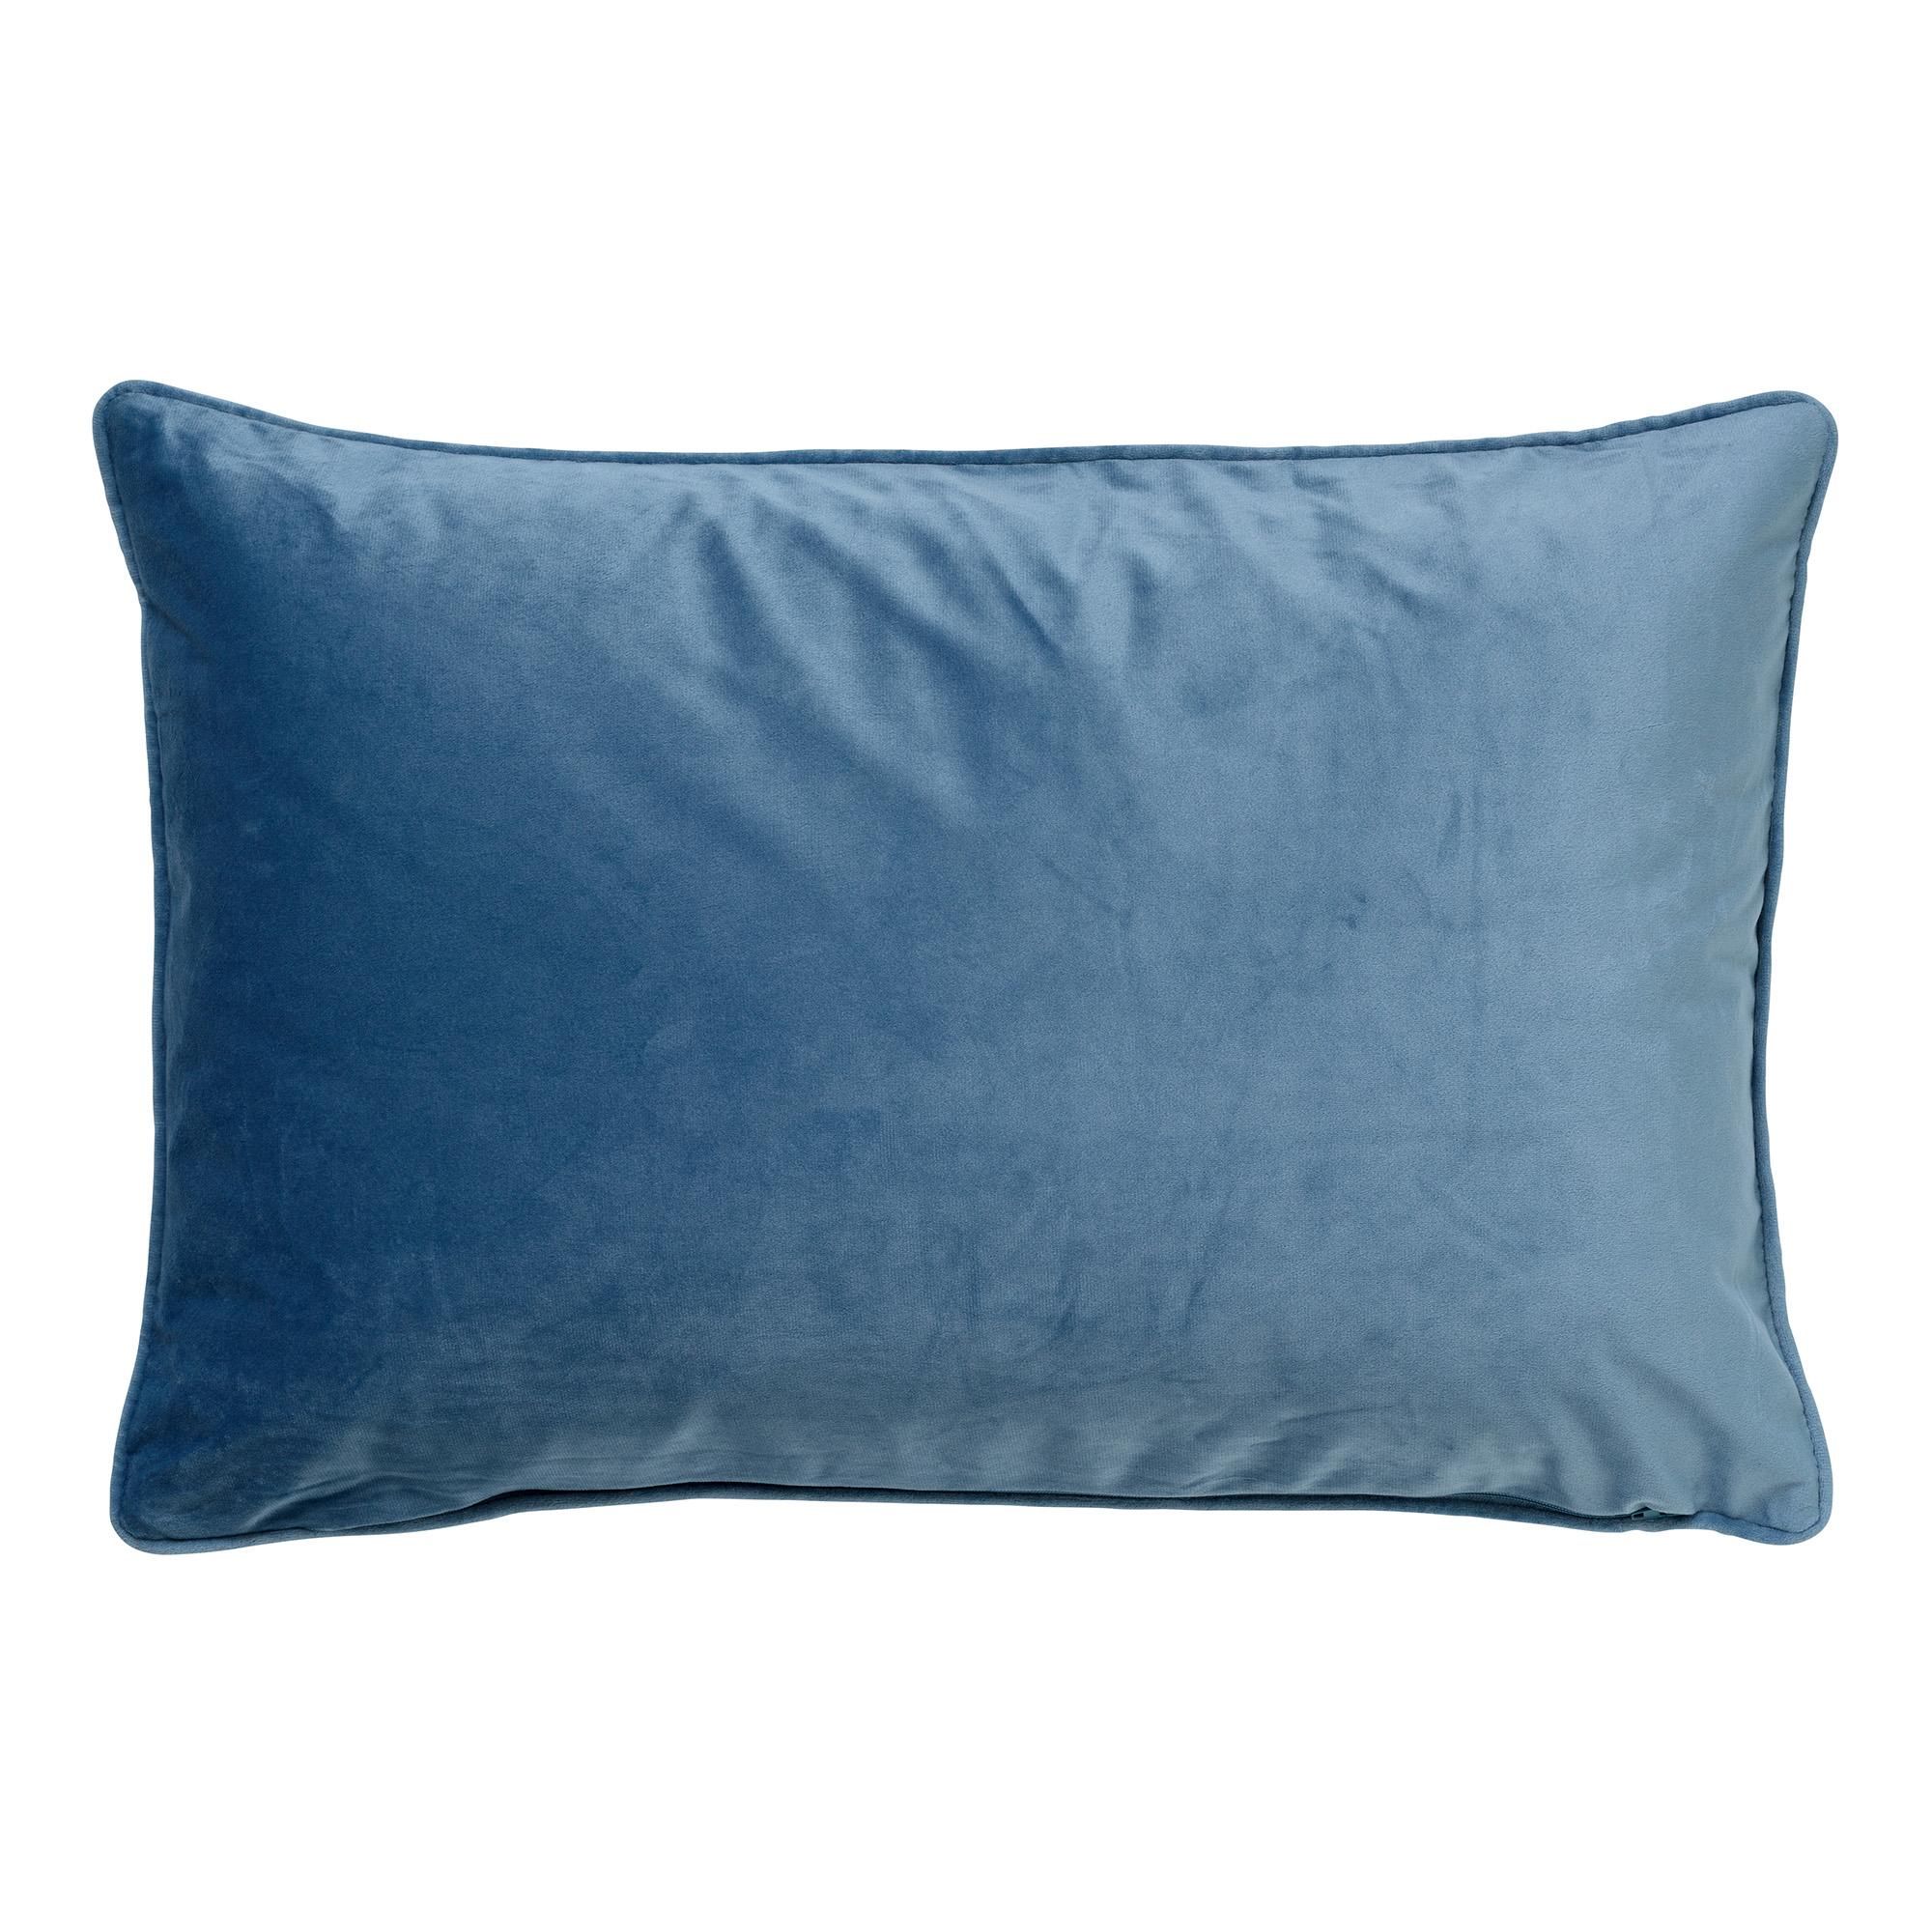 FINN - Sierkussen velvet Provincial Blue 40x60 cm